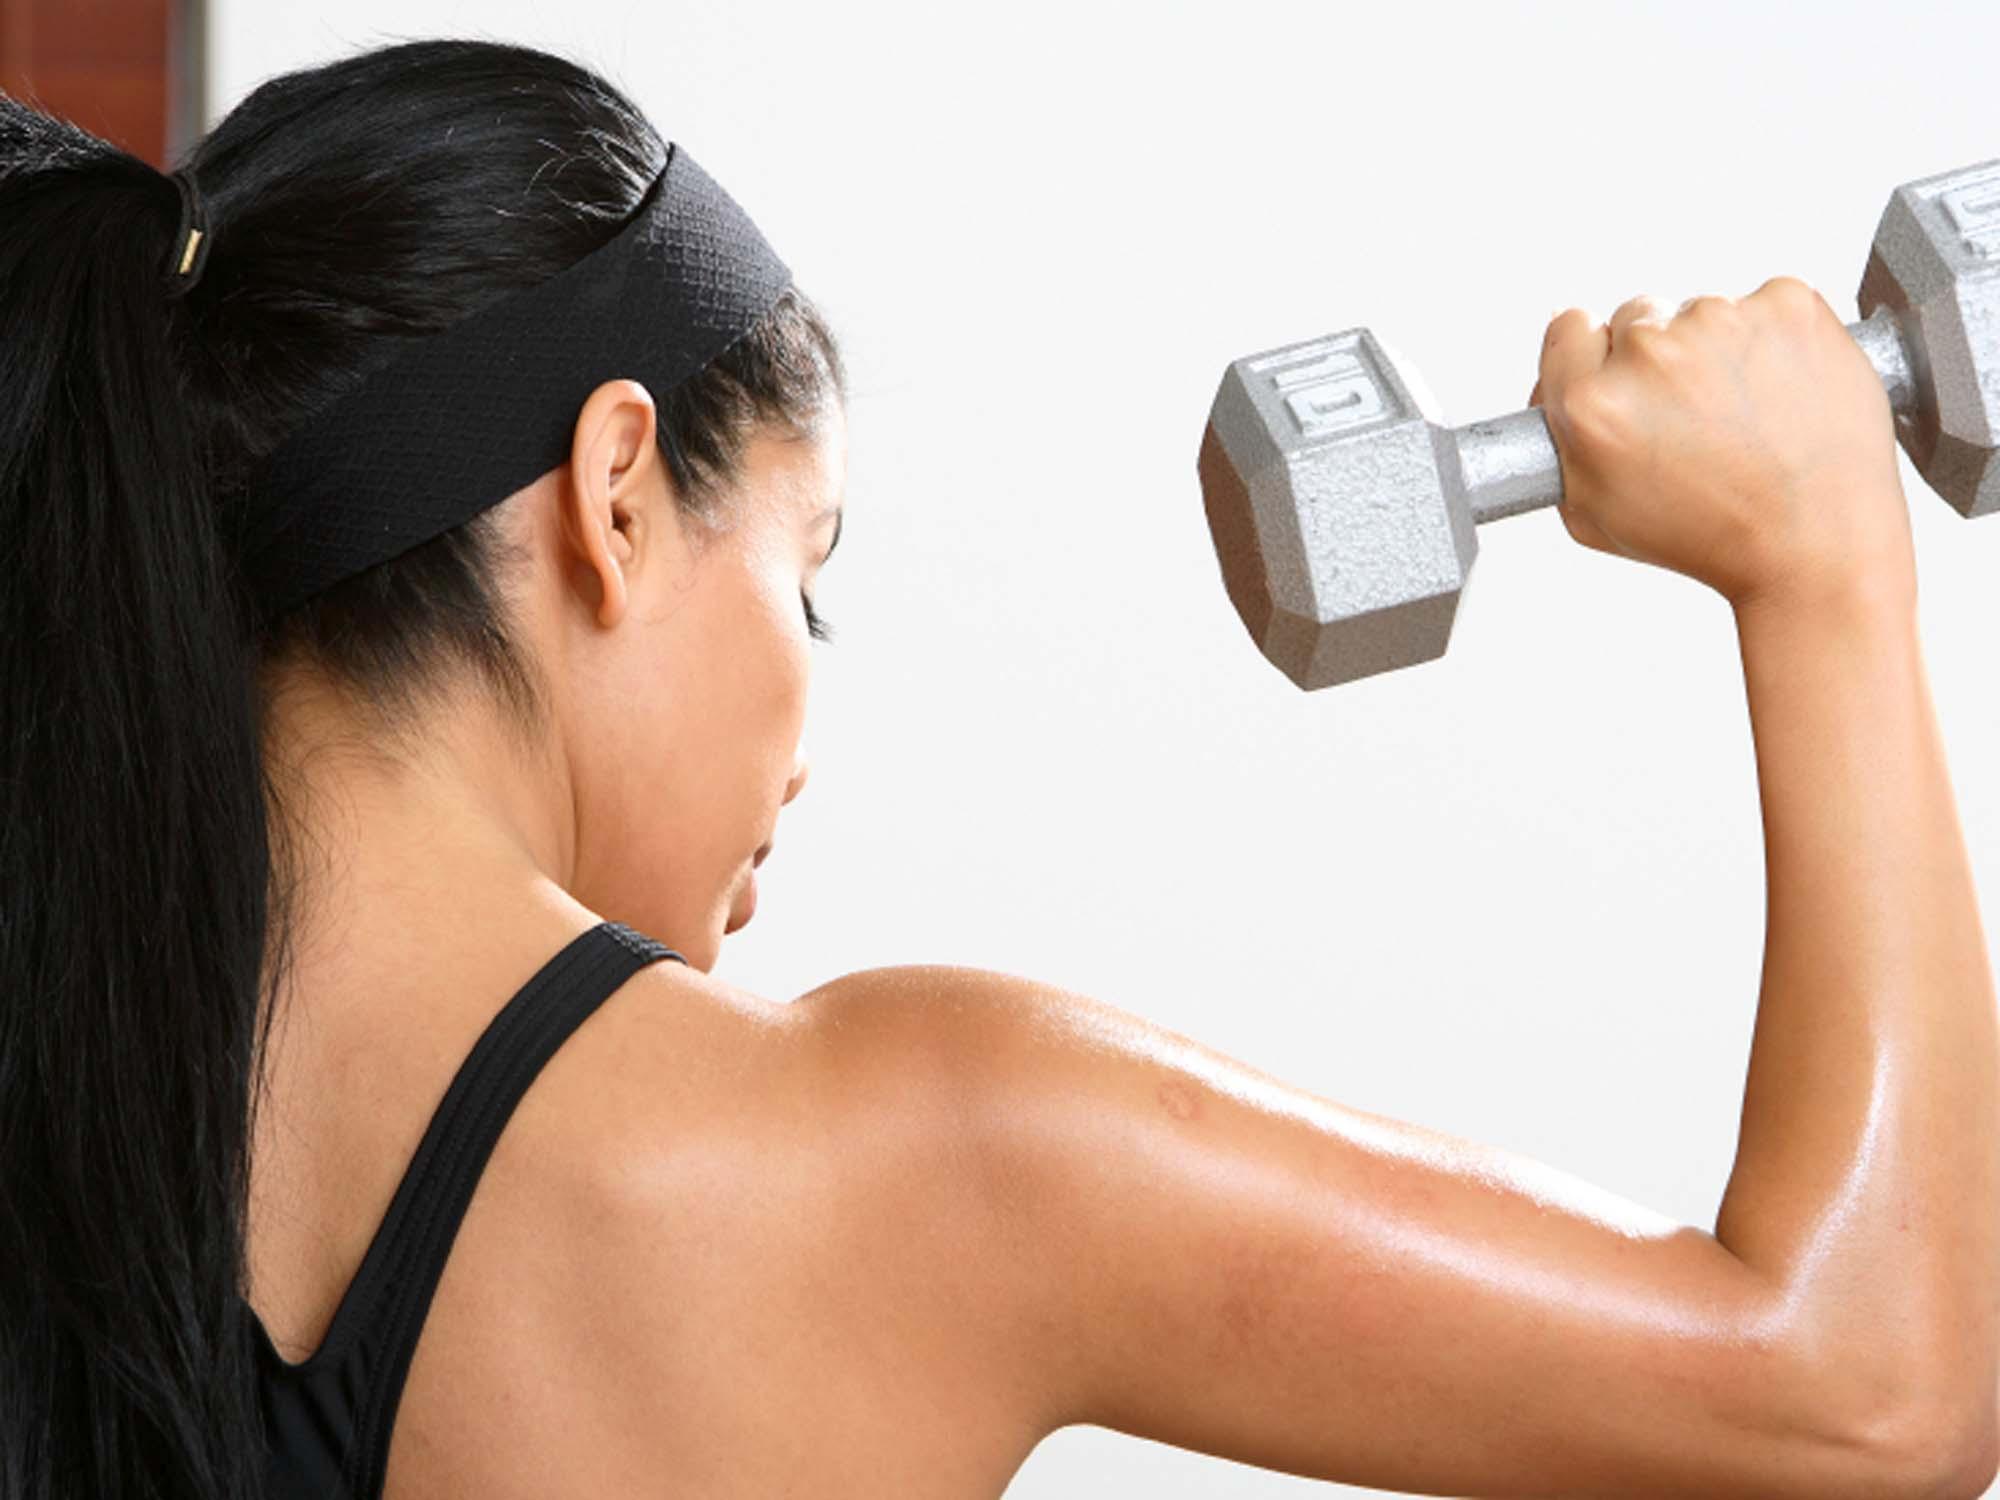 Gym Etiquette for Ladies